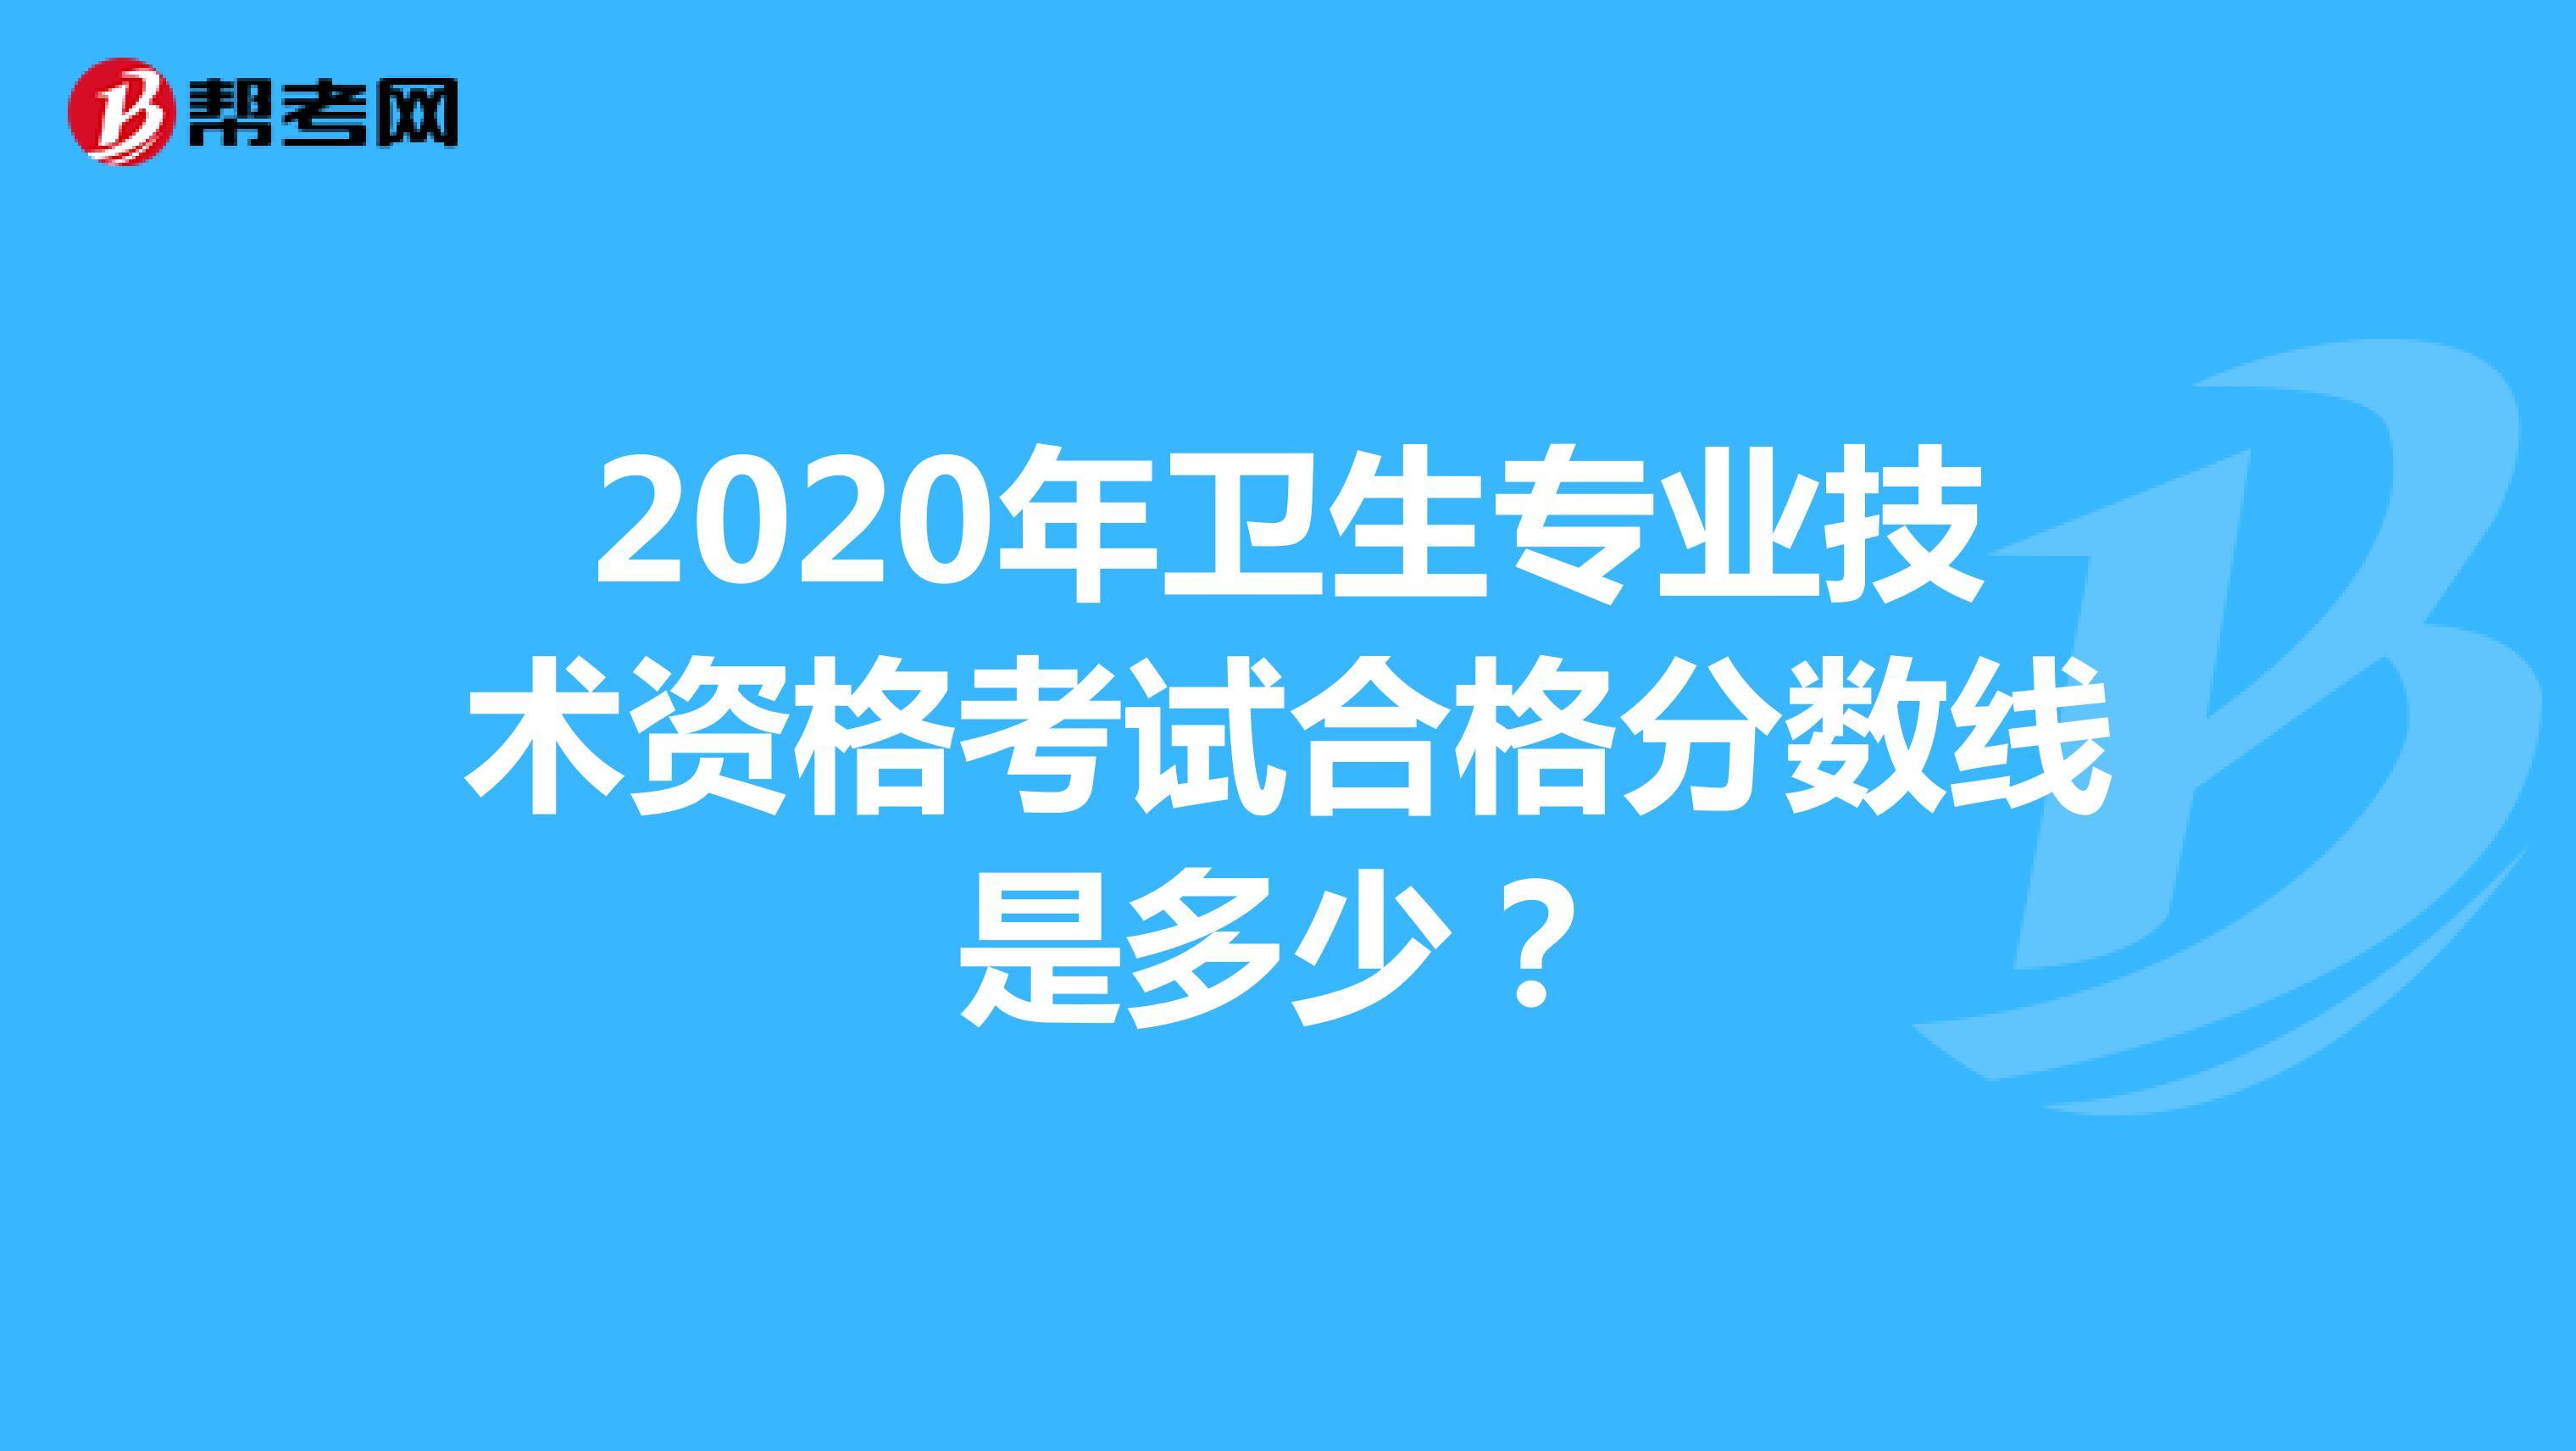 2020年衛生專業技術資格考試合格分數線是多少?